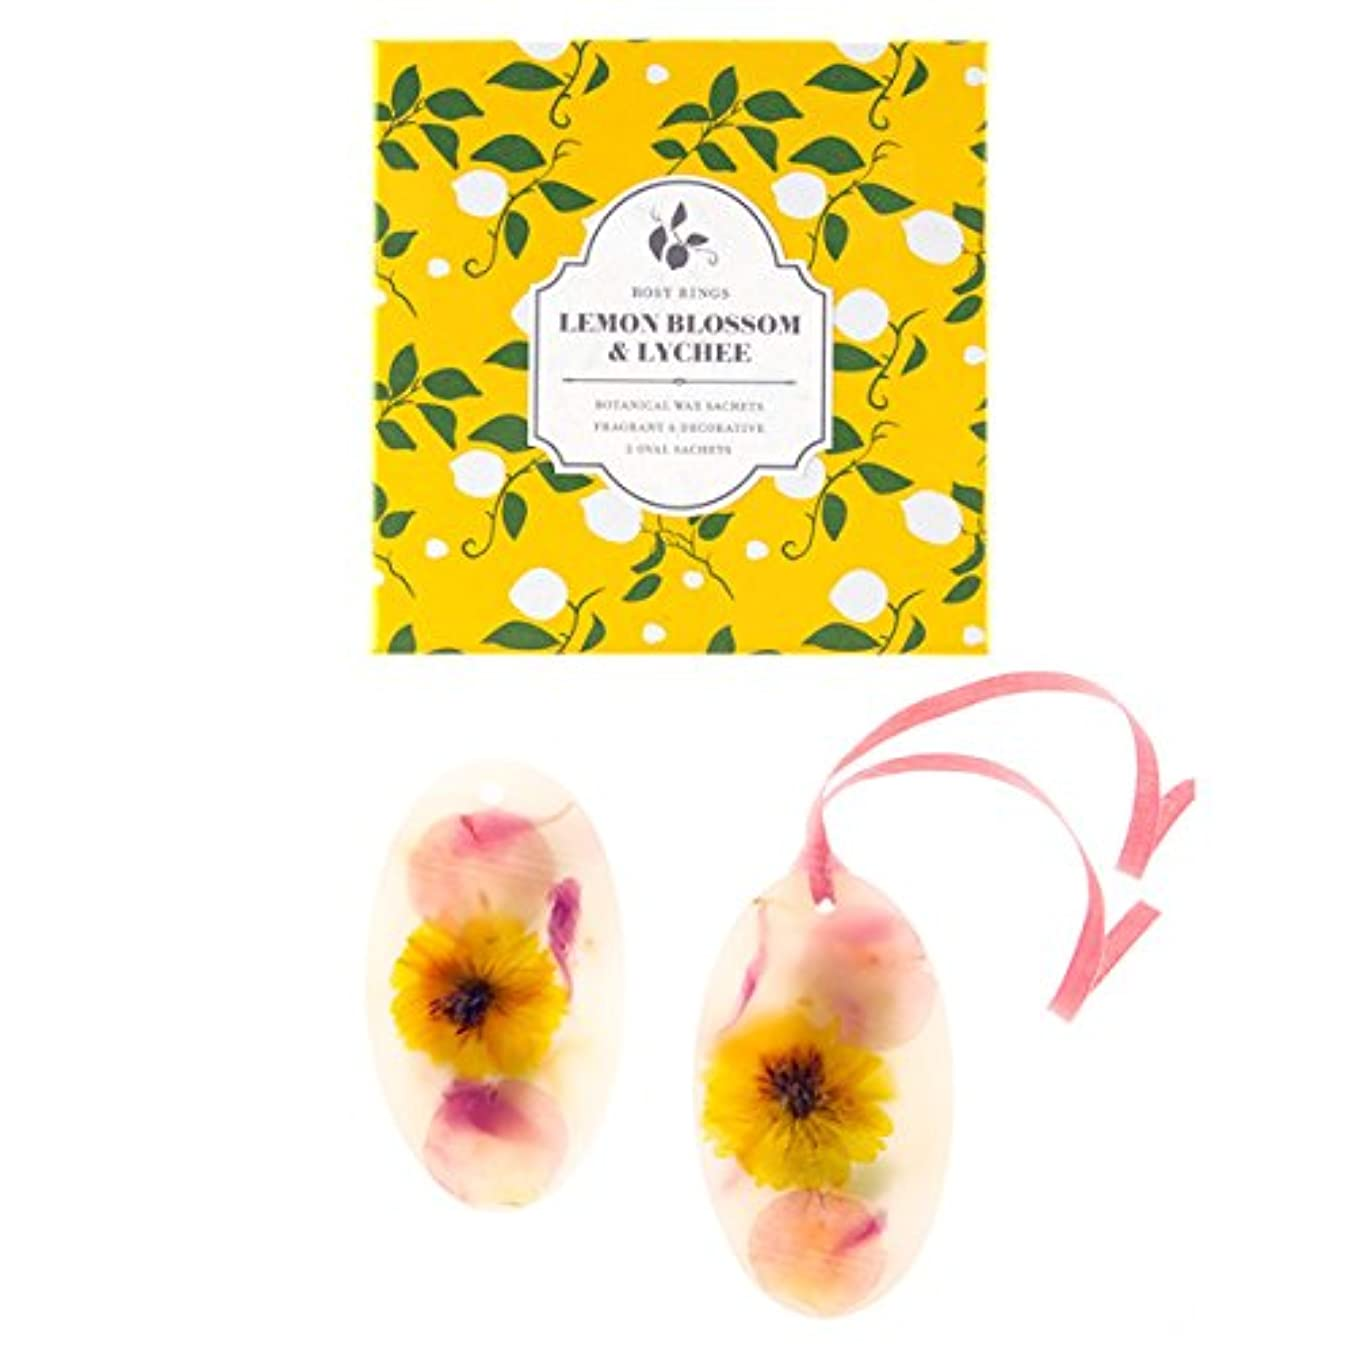 無臭ラジウムワンダーロージーリングス ボタニカルワックスサシェ オーバル レモンブロッサム&ライチ ROSY RINGS Signature Collection Botanical Wax Sachets – Lemon Blossom...